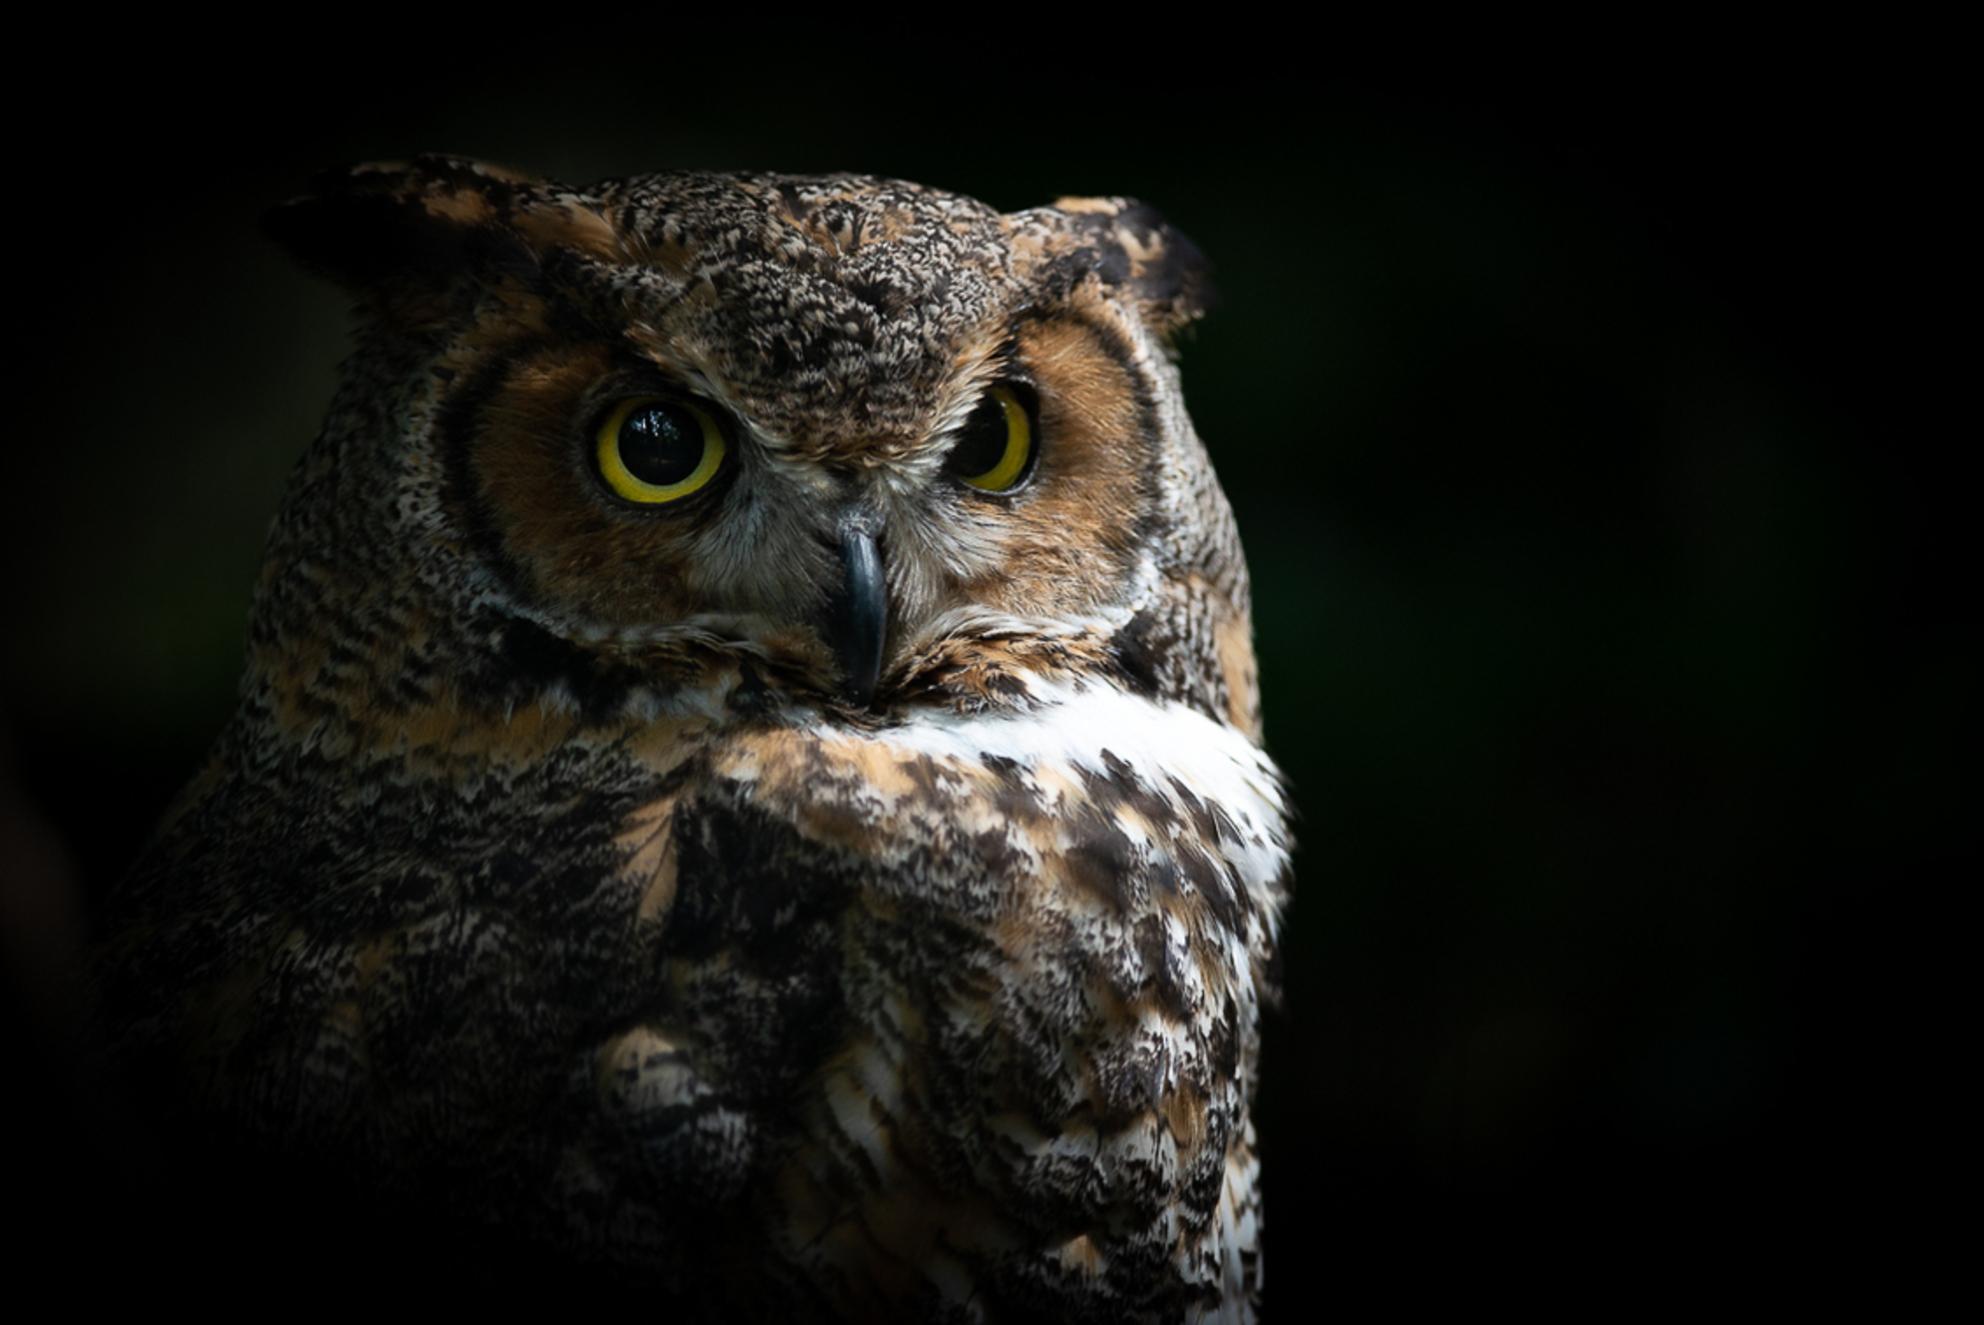 Indrukwekkend portret - Met de zon tussen de bomen door komt deze uil prachtig uit de foto springen... - foto door RBvandaag op 23-06-2018 - deze foto bevat: uil, dierentuin, dieren, vogel - Deze foto mag gebruikt worden in een Zoom.nl publicatie